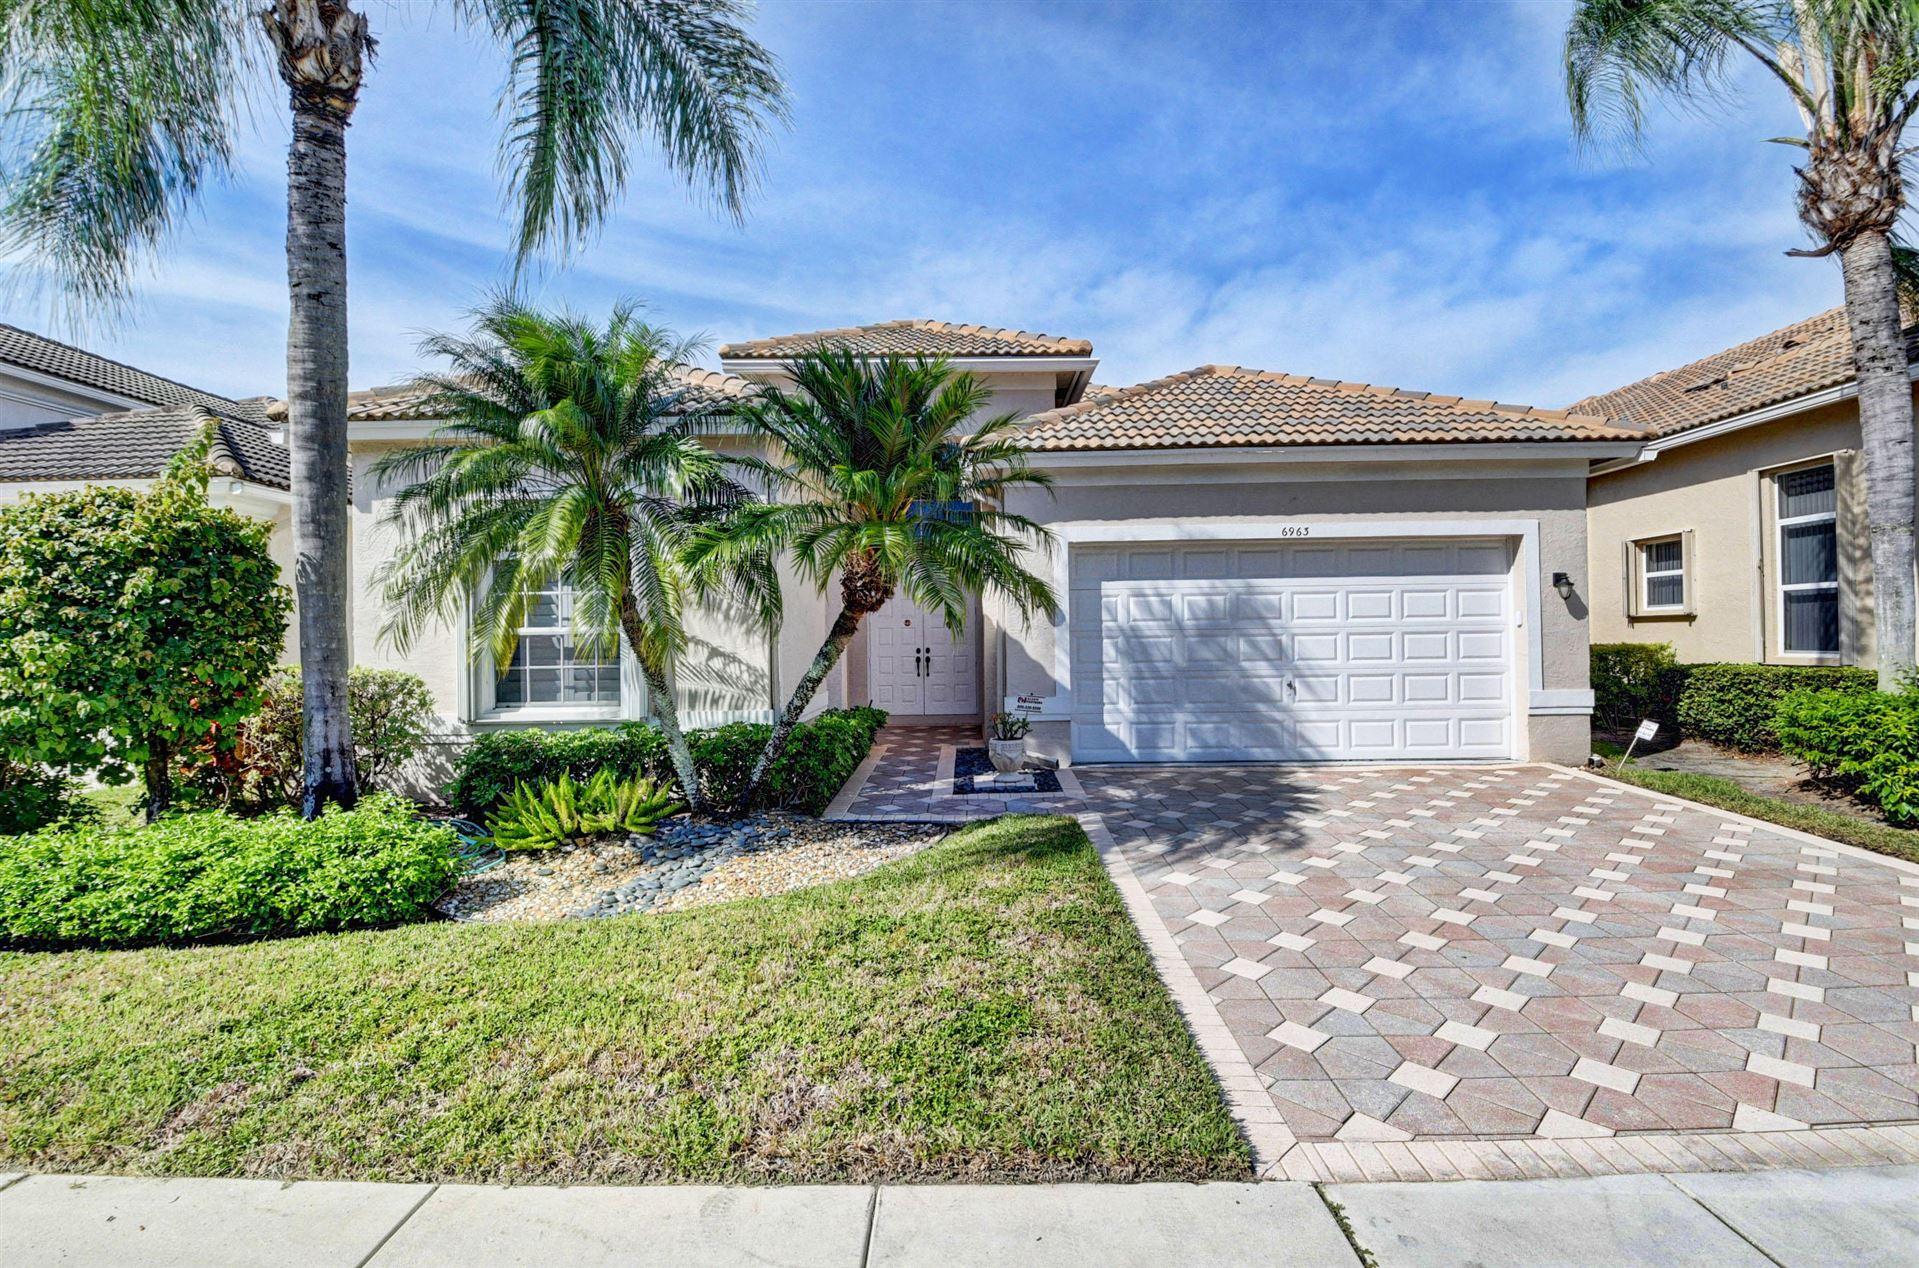 6963 Fairway Lakes Drive, Boynton Beach, FL 33472 - #: RX-10716271